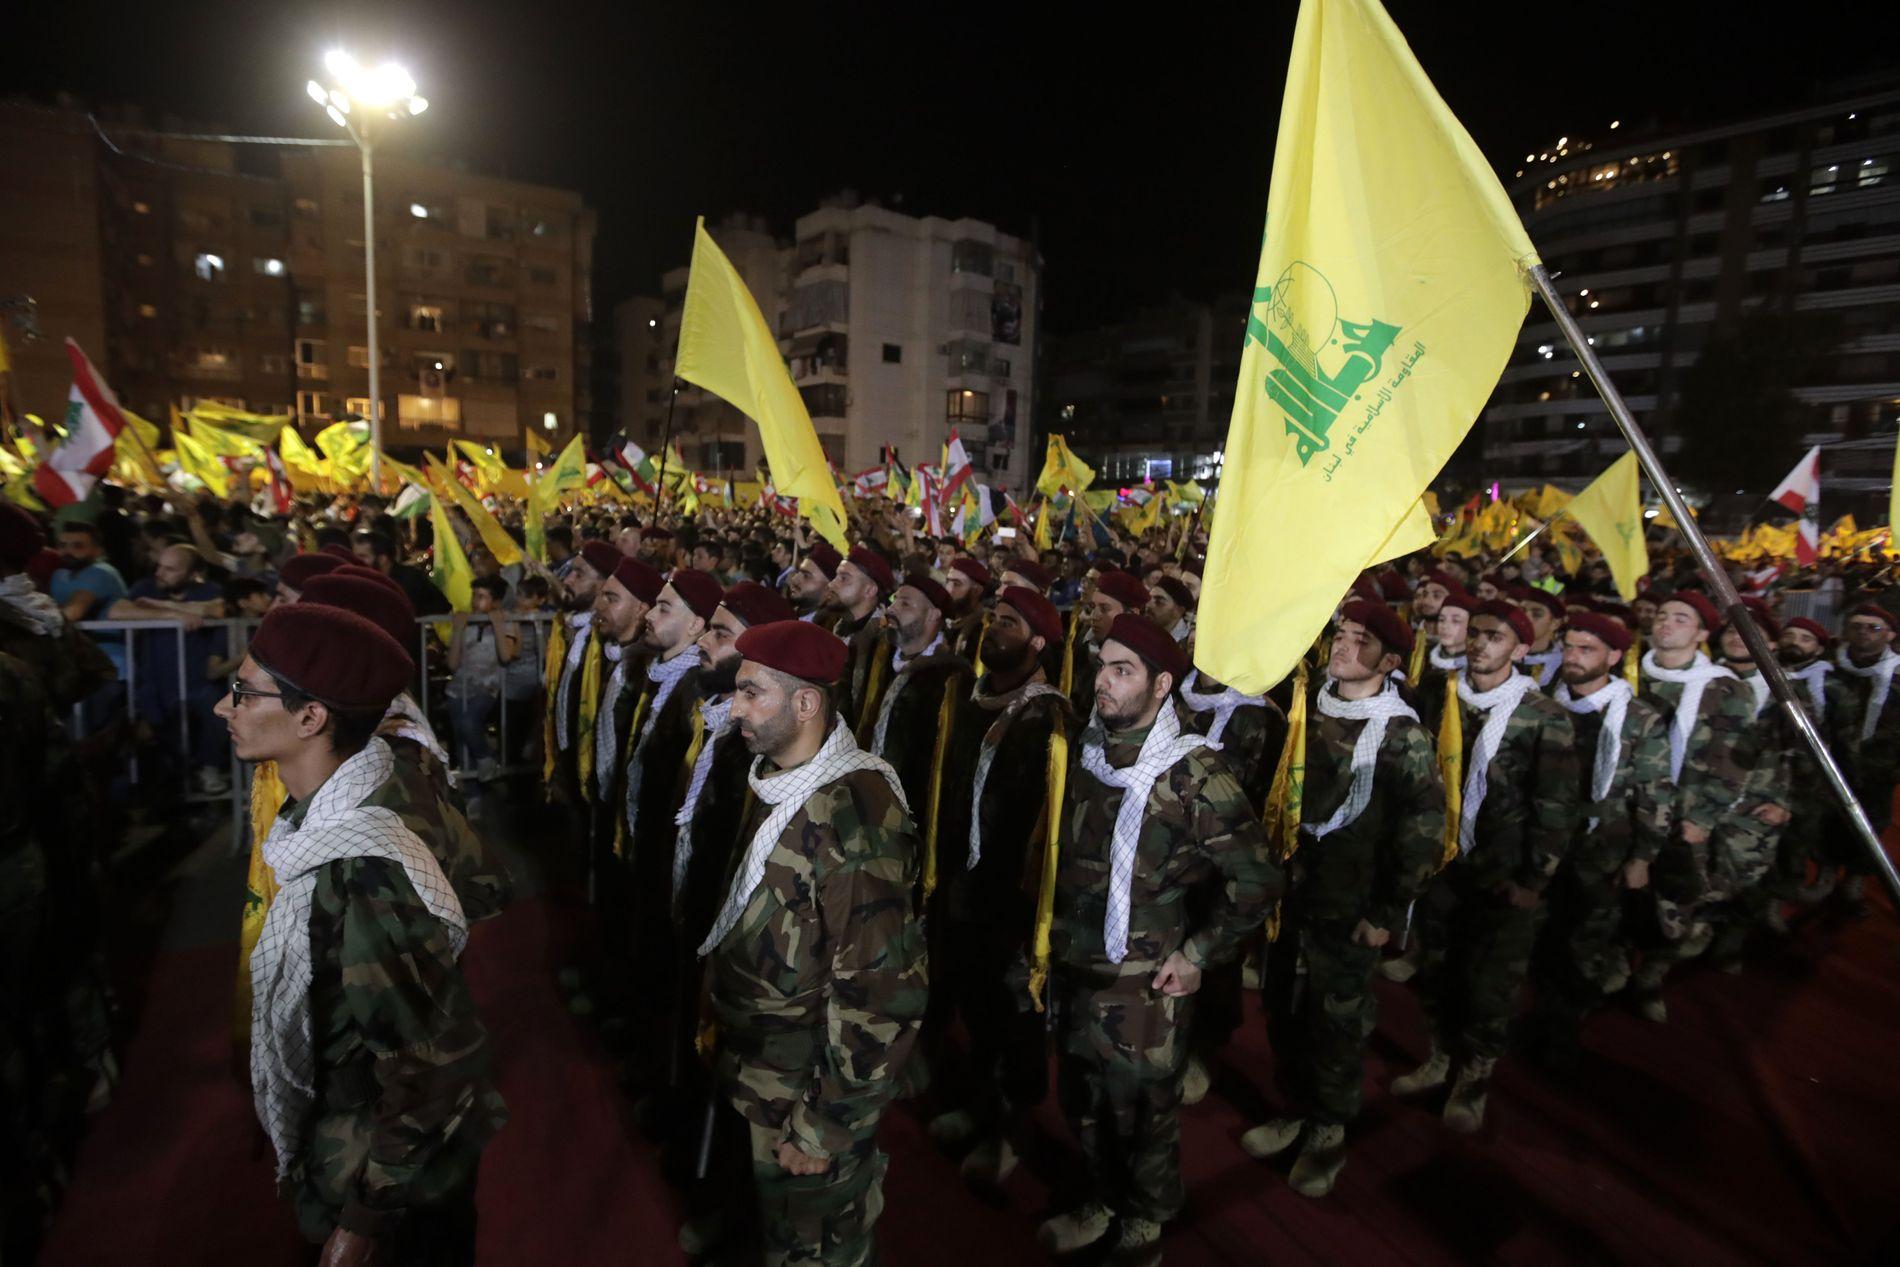 STERKE: Hizbollah-krigere deltok i en parade i Dahieh i slutten av mai. Gruppen har kommet styrket ut av samarbeidet med Bashar al-Assad i Syria-krigen.